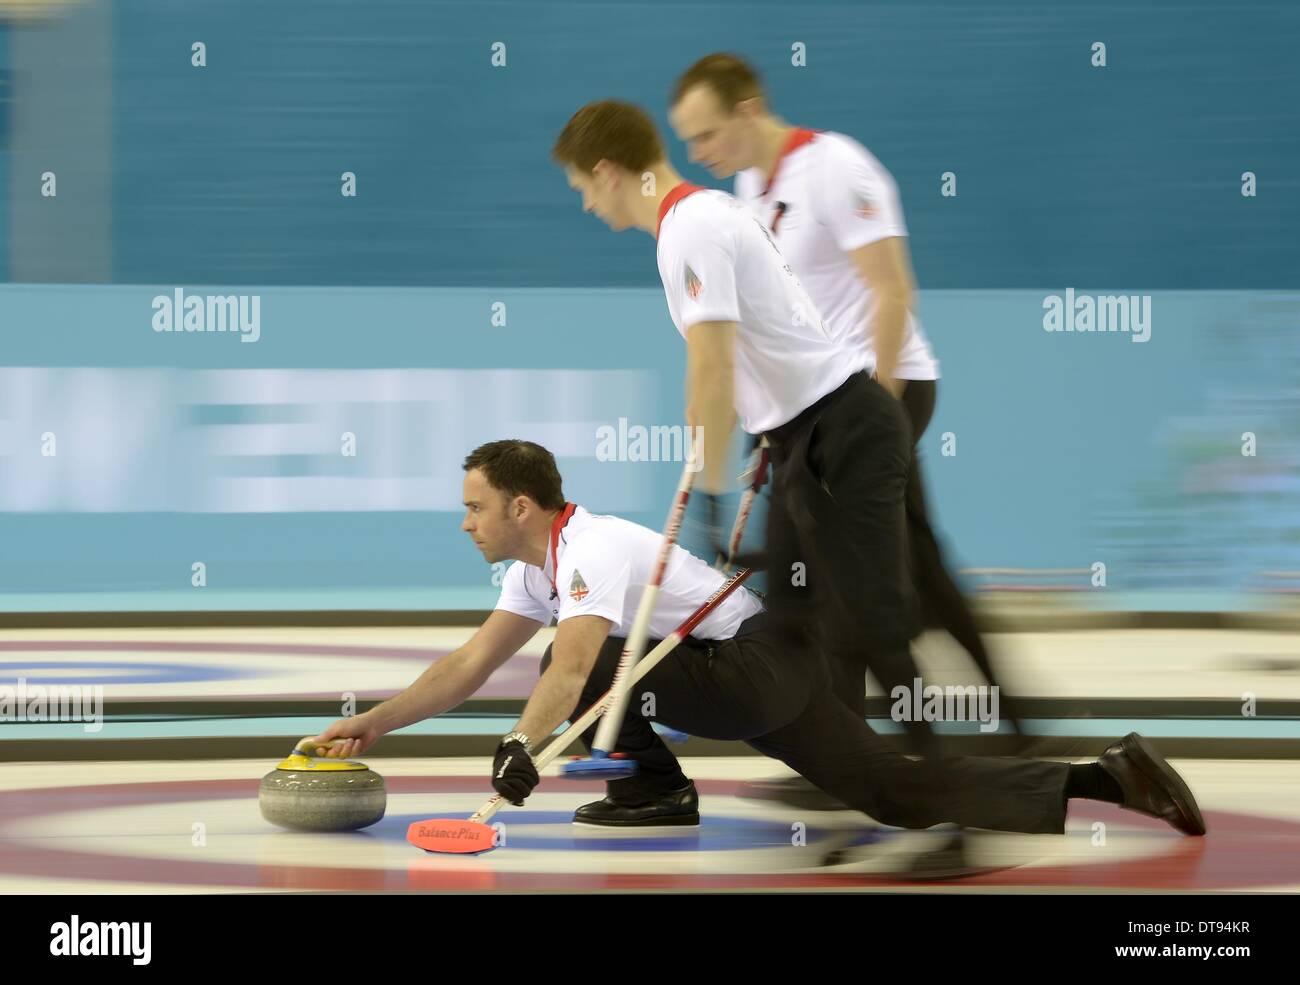 David Murdoch (GBR, skip) pousse au loin avec Michael Goodfellow (GBR, à droite) et Scott Andrews (GBR). Mens curling - Centre de curling Ice Cube - Parc olympique - Sotchi - Russie - 12/02/2014 Banque D'Images